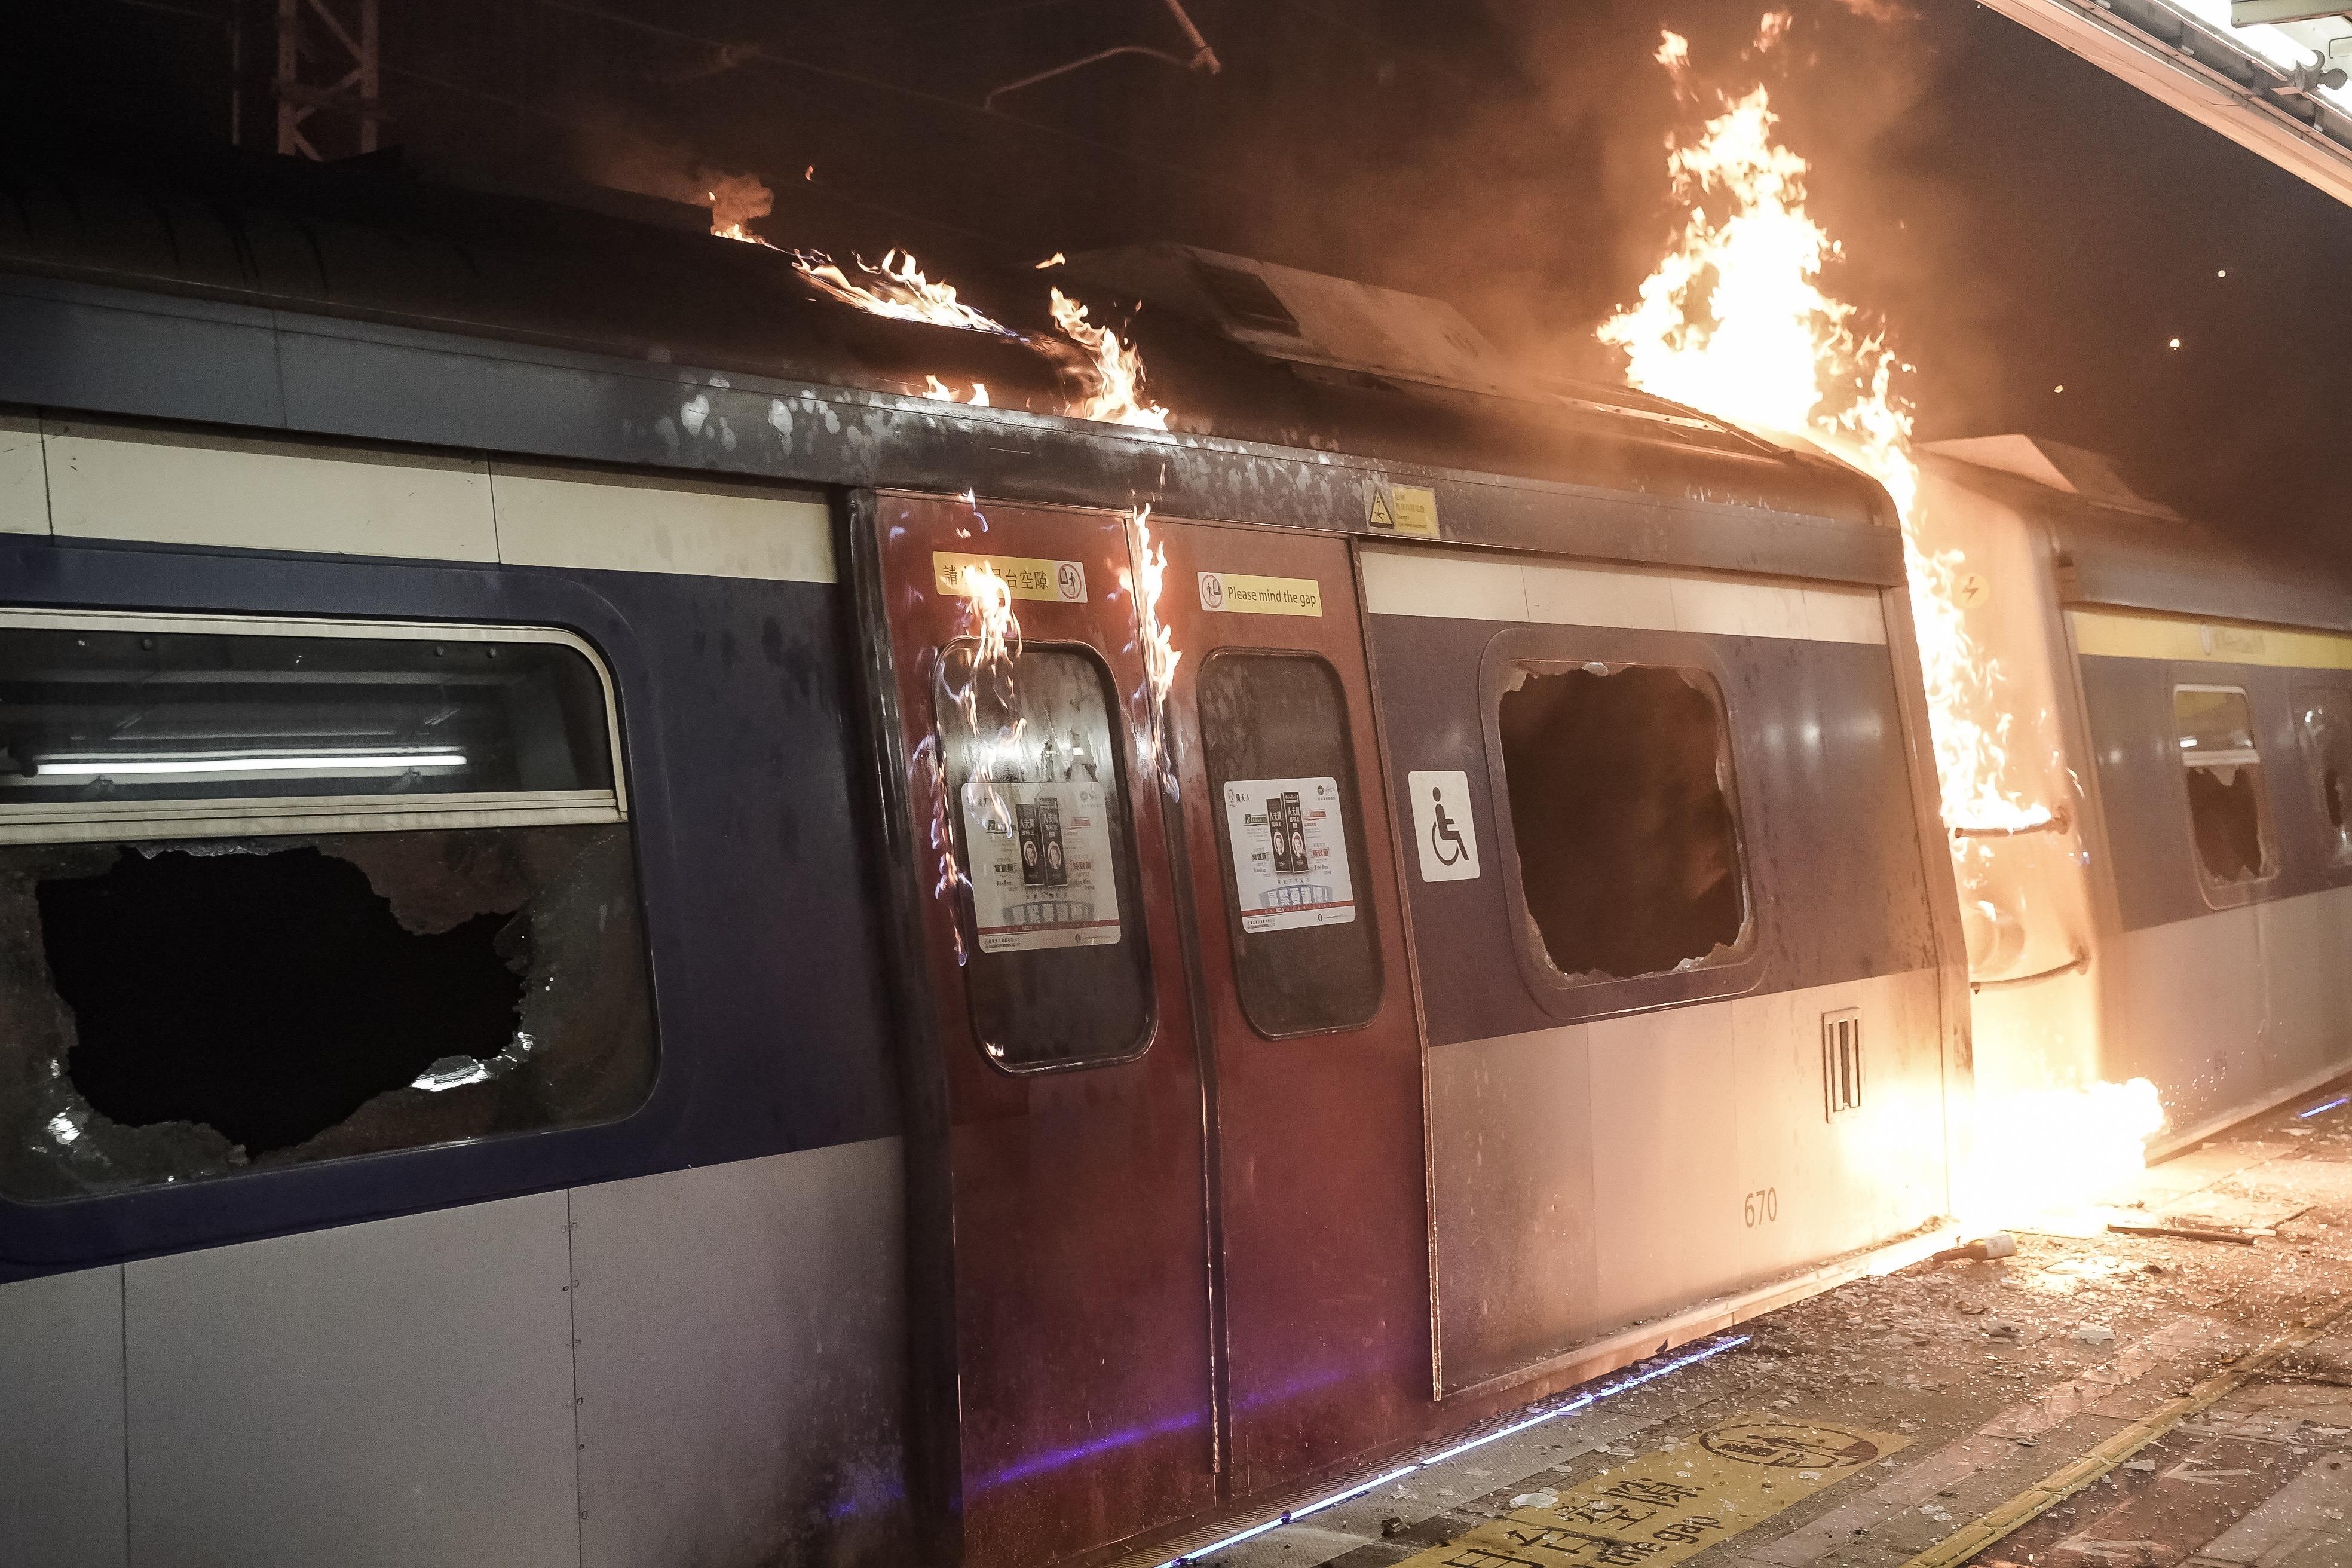 A train car burns at a MTR station during a demonstration at Chinese University of Hong Kong on November 13, 2019 in Hong Kong, China.